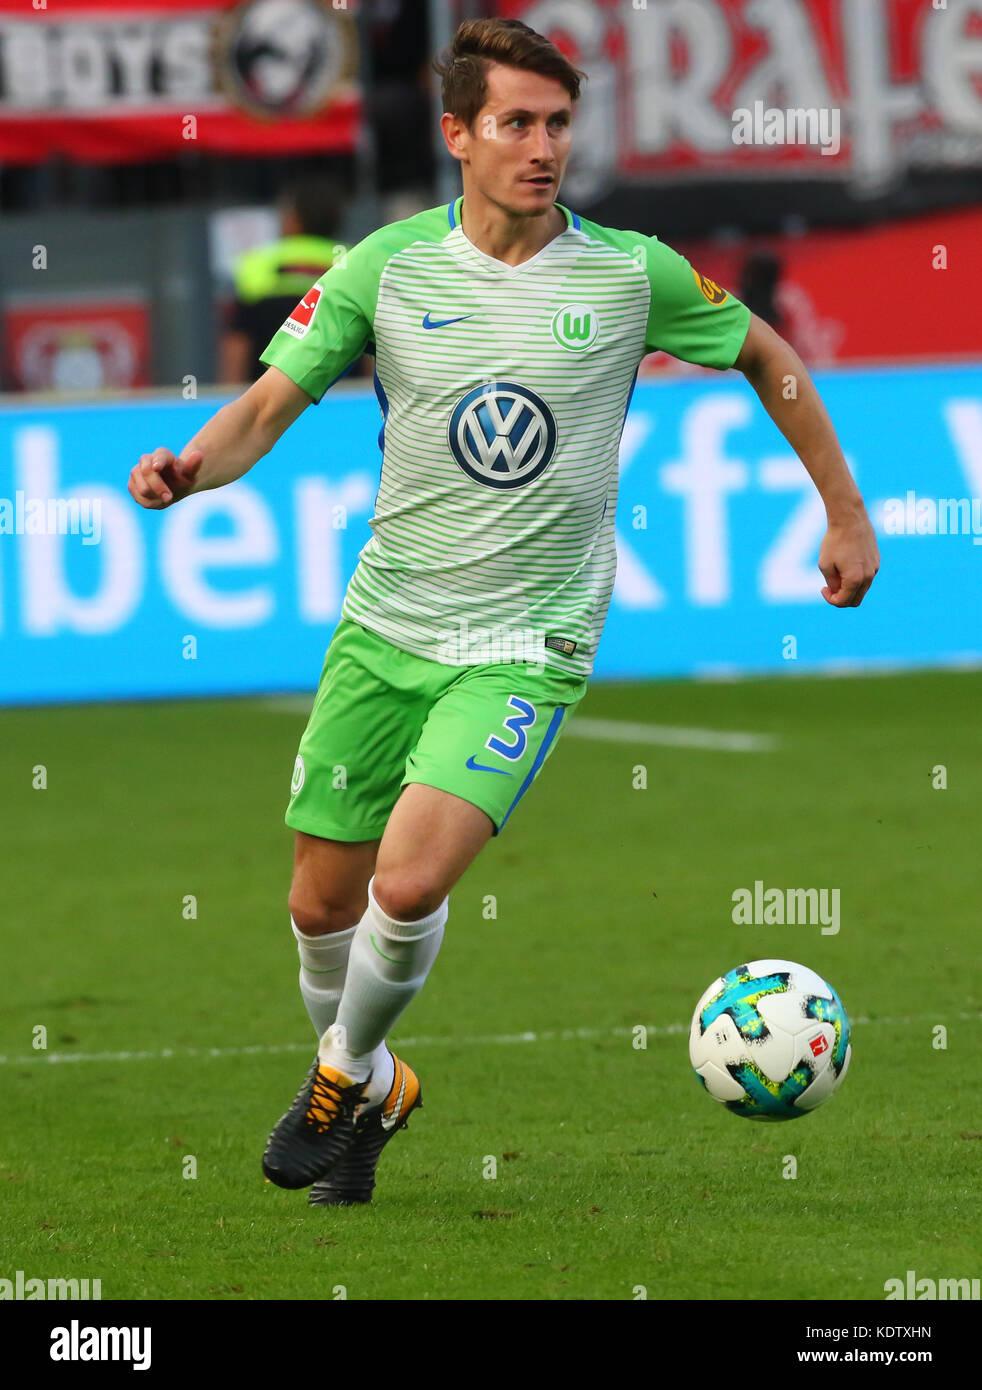 Leverkusen, Germany October 15 2017, Bundesliga matchday 9, Bayer 04 Leverkusen vs VFL Wolfsburg: Paul Verhaegh - Stock Image